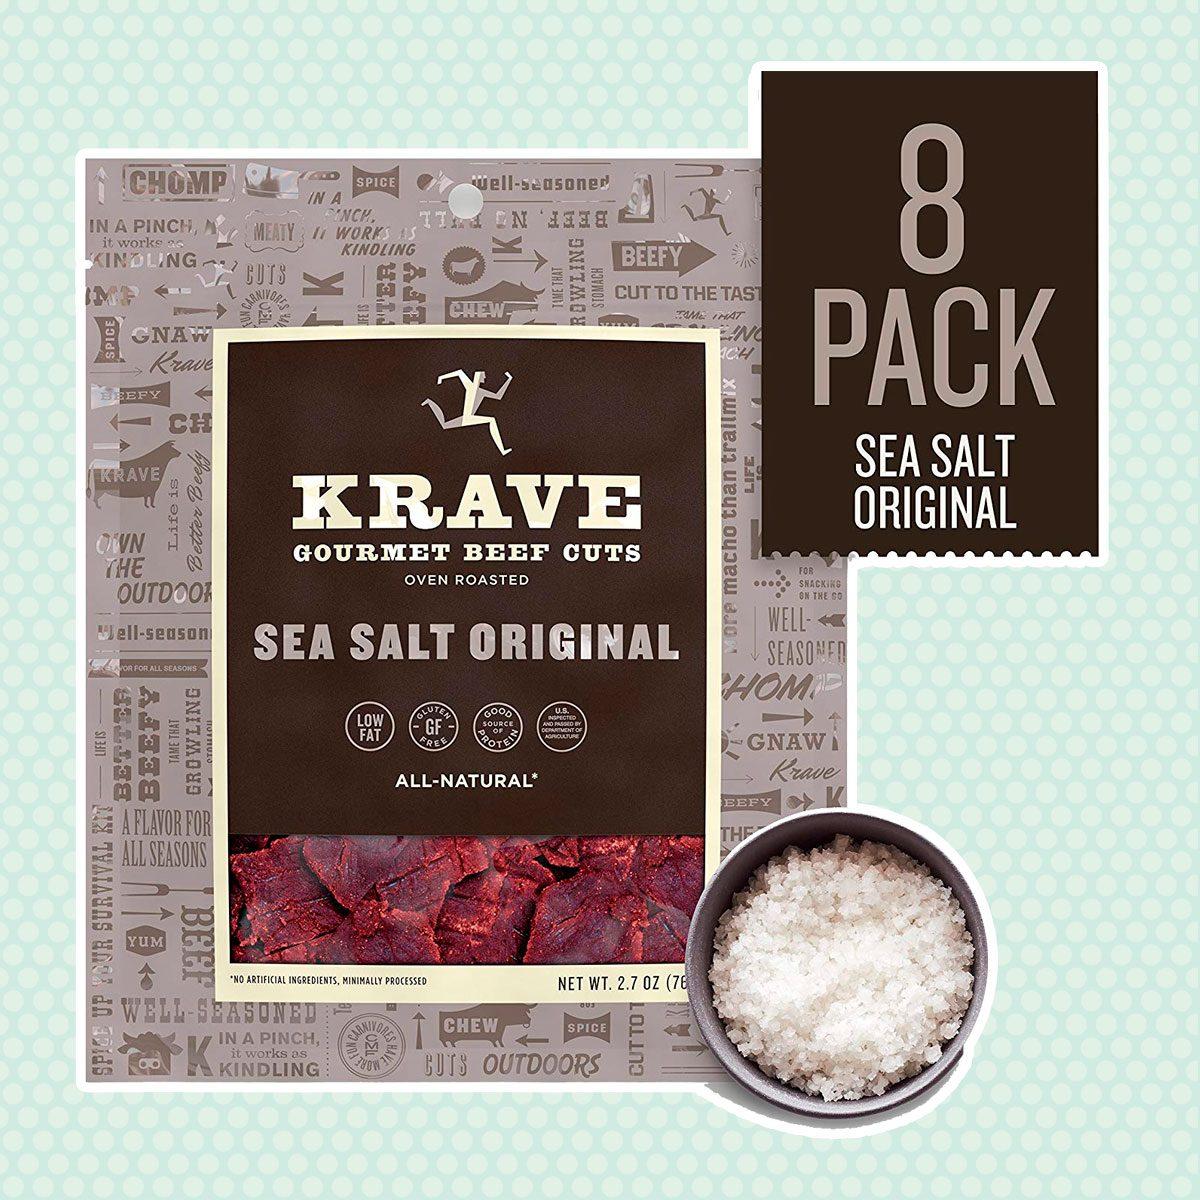 KRAVE'S Gourmet Beef Cuts, 8 packs